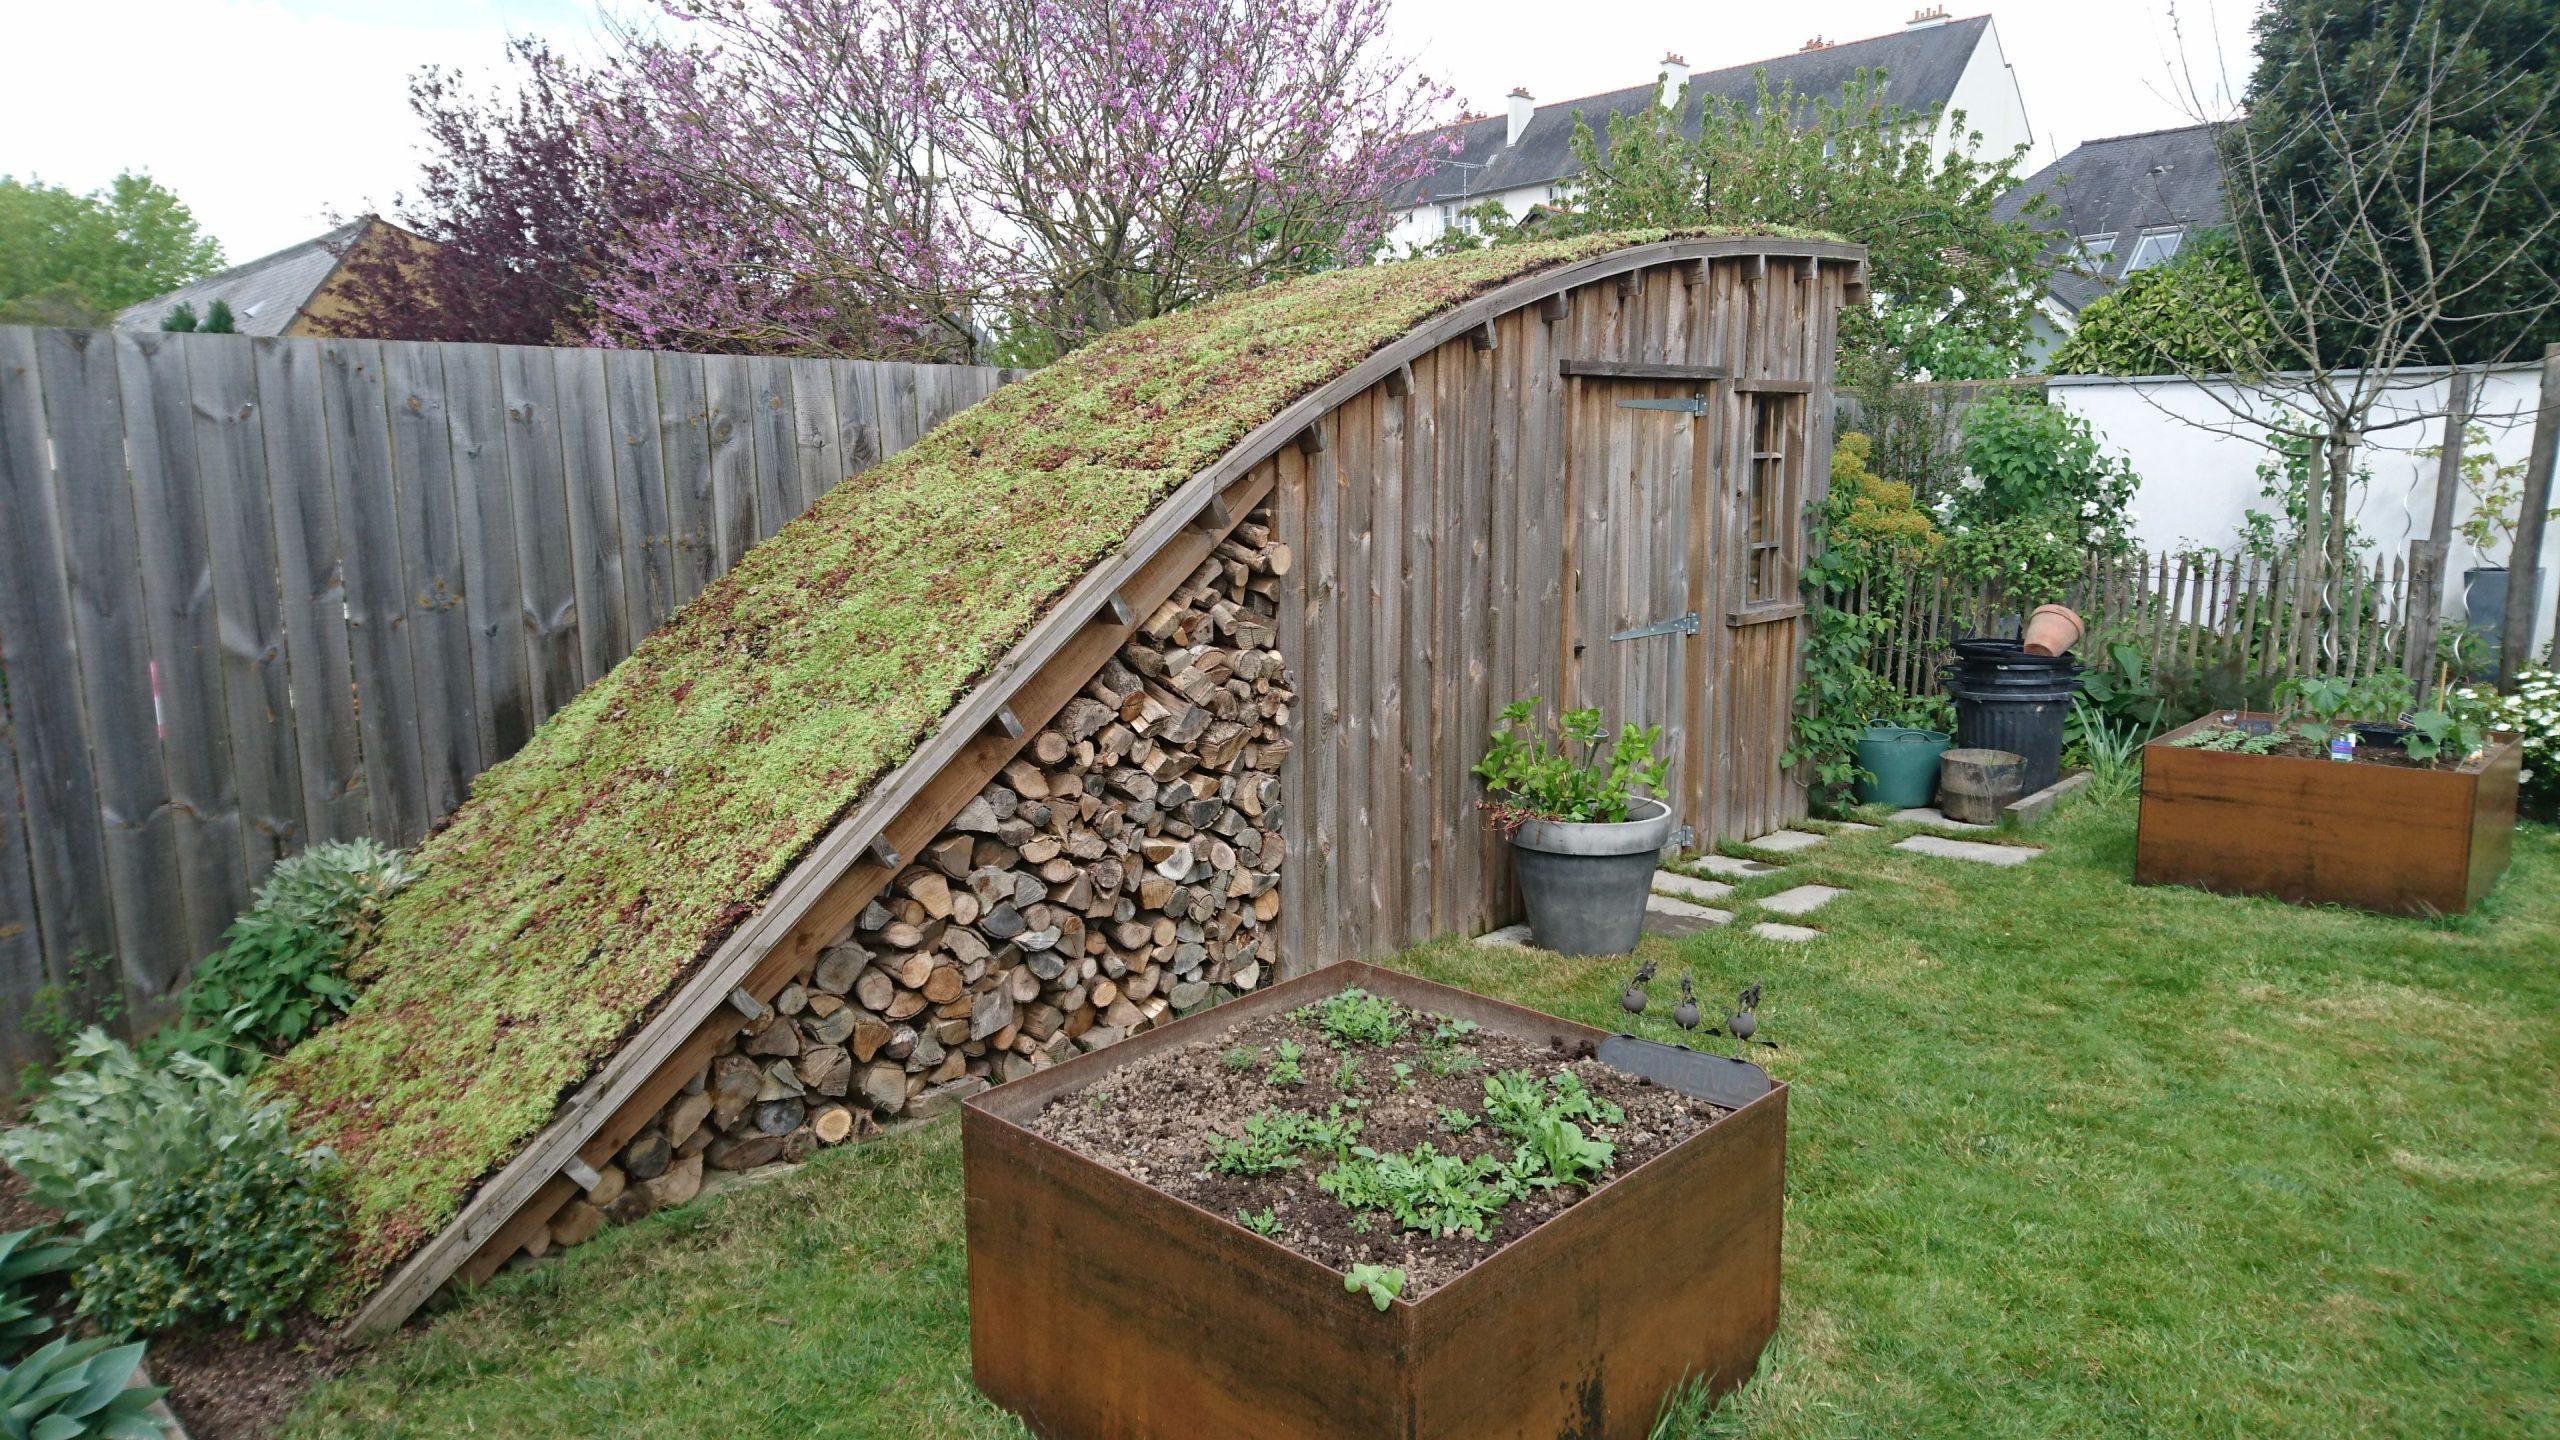 Cabane De Jardin Au Cœur De La Ville, Esprit Champêtre ... concernant Toiture Pour Abri De Jardin